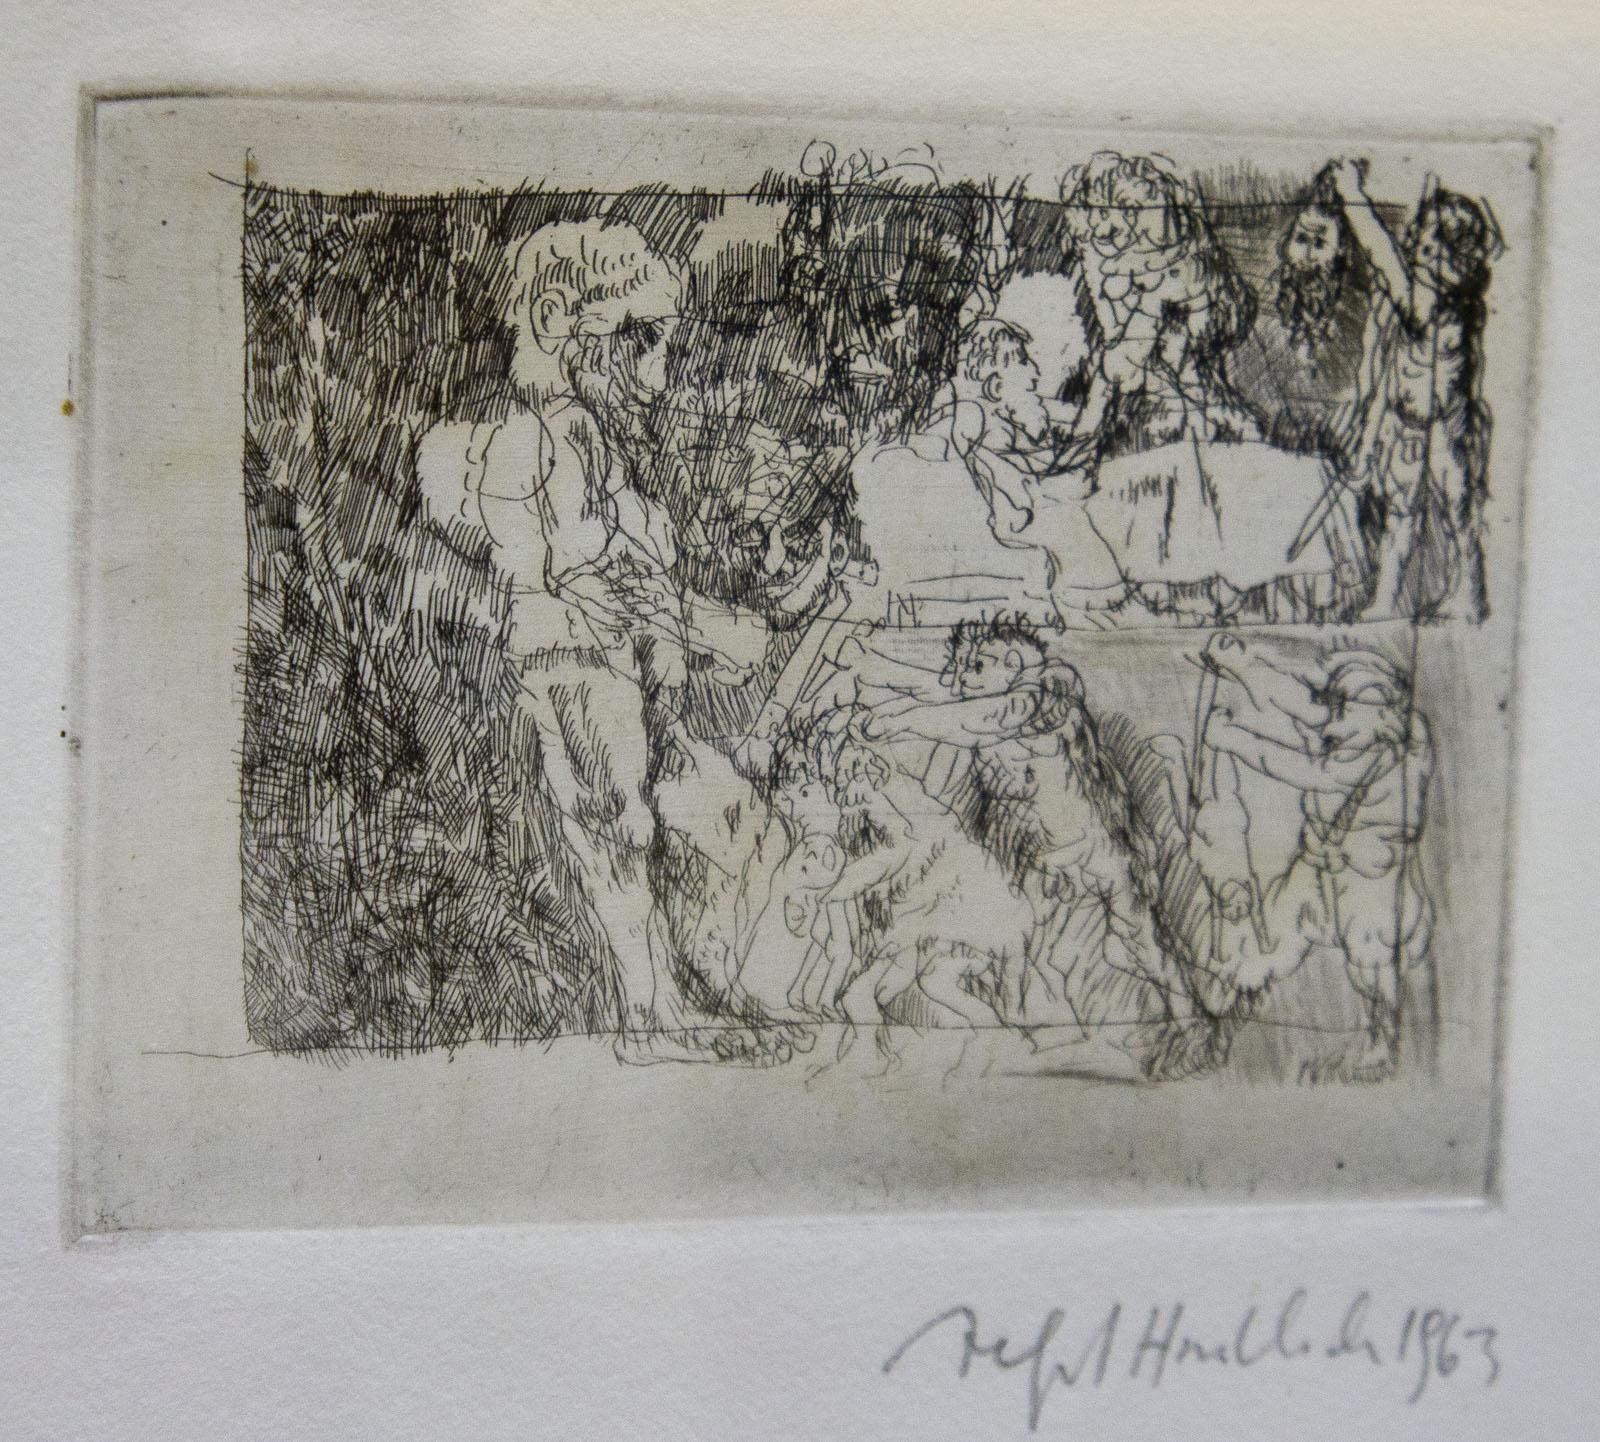 Фото №76562. Избиение младенцев в Вифлиеме. 1963. Альфред Хрдличка (1928-2009)